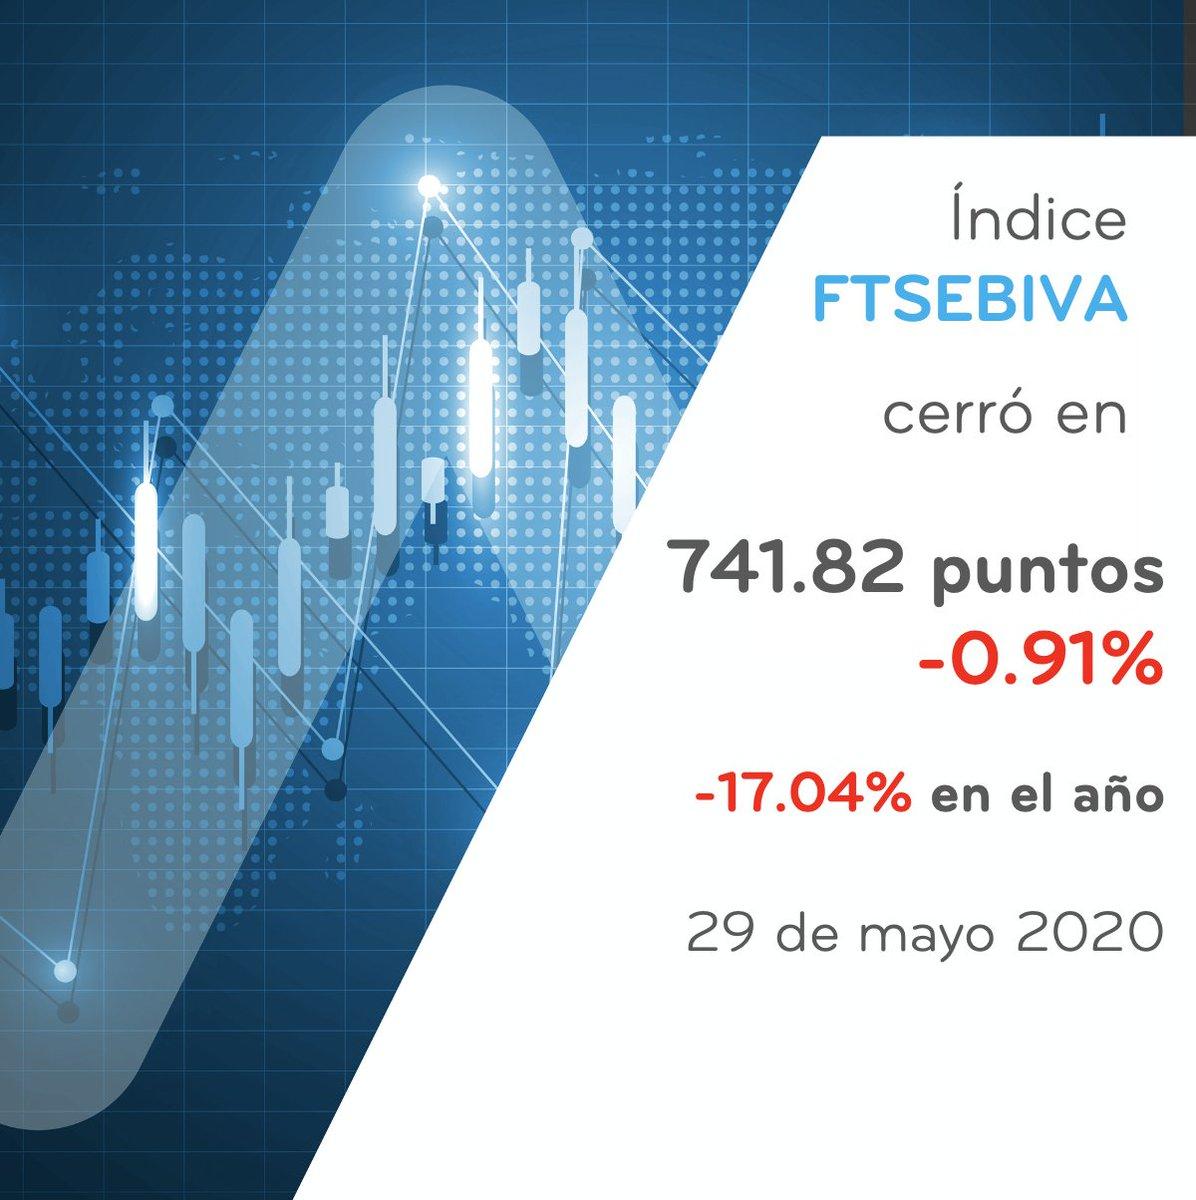 #HOY el índice #FTSEBIVA cerró en 741.82 puntos. Más información en bit.ly/BIVAreportedia….